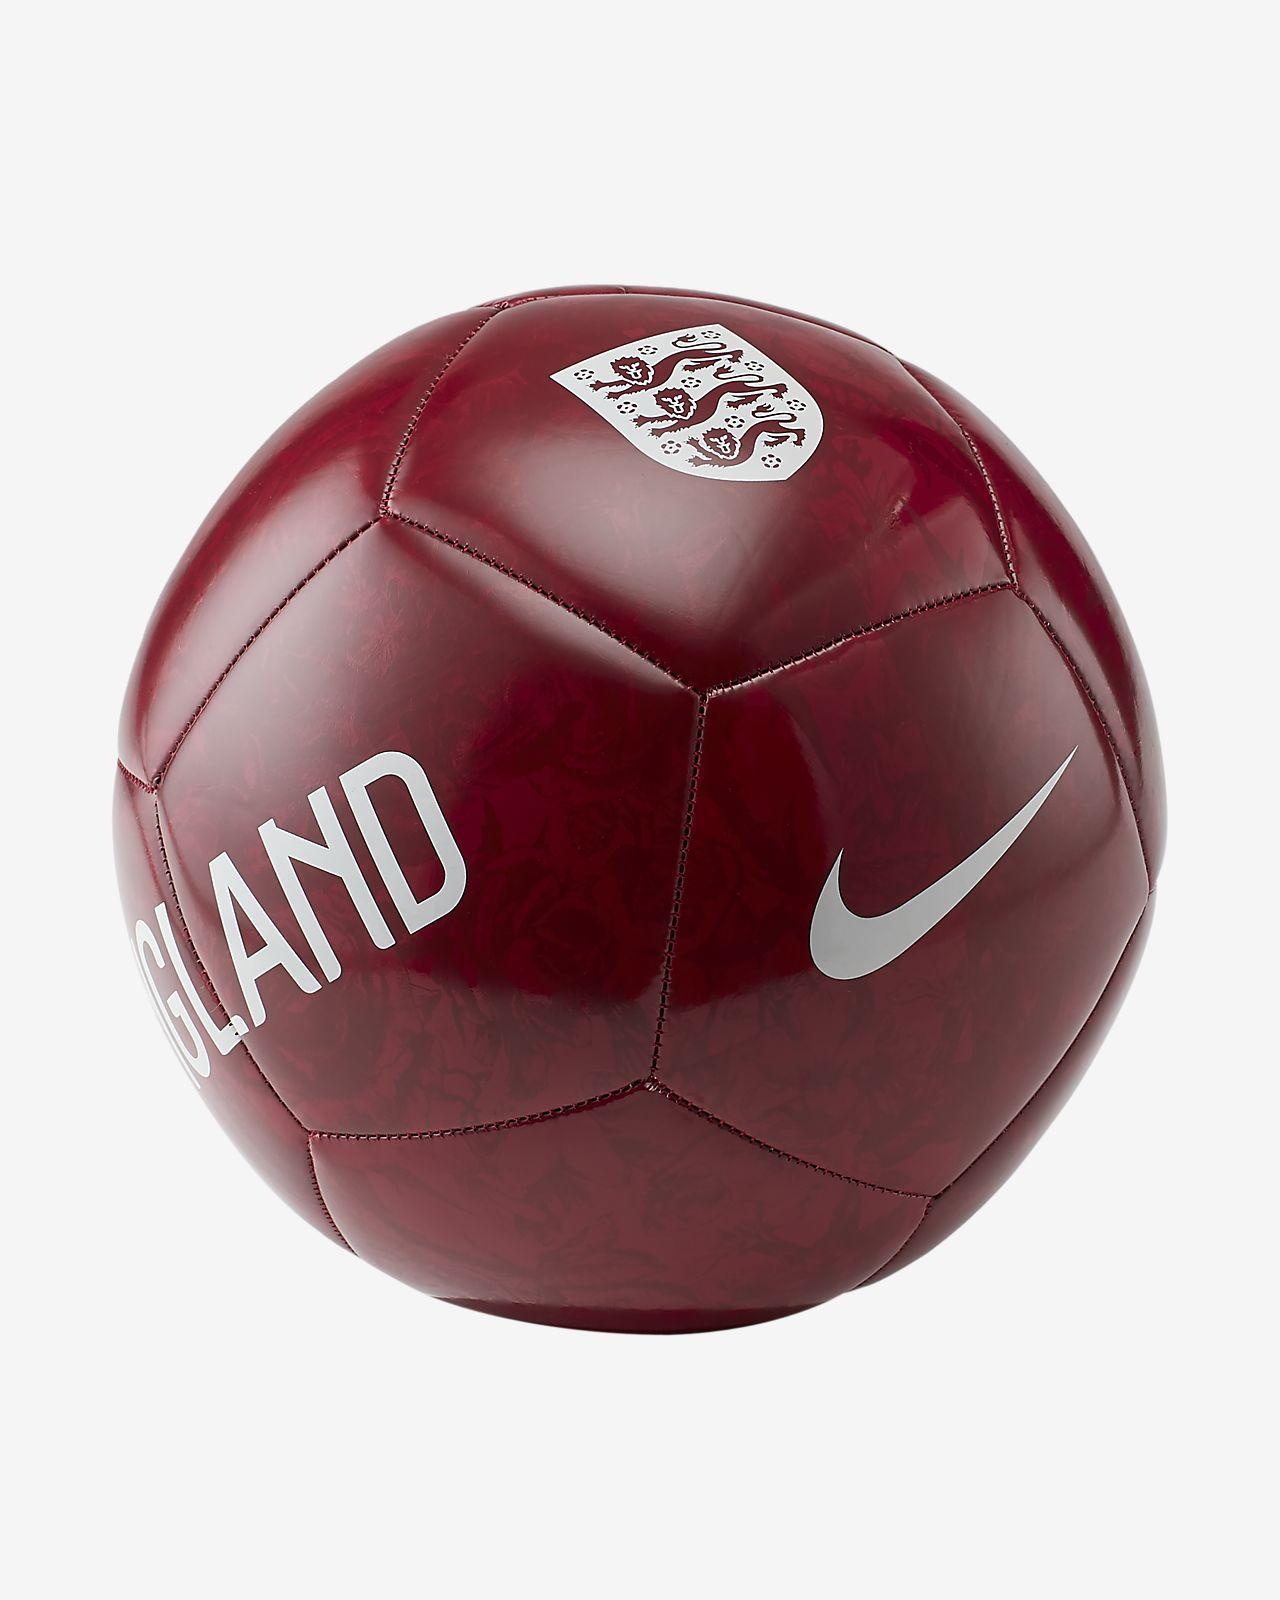 Μπάλα ποδοσφαίρου England Pitch